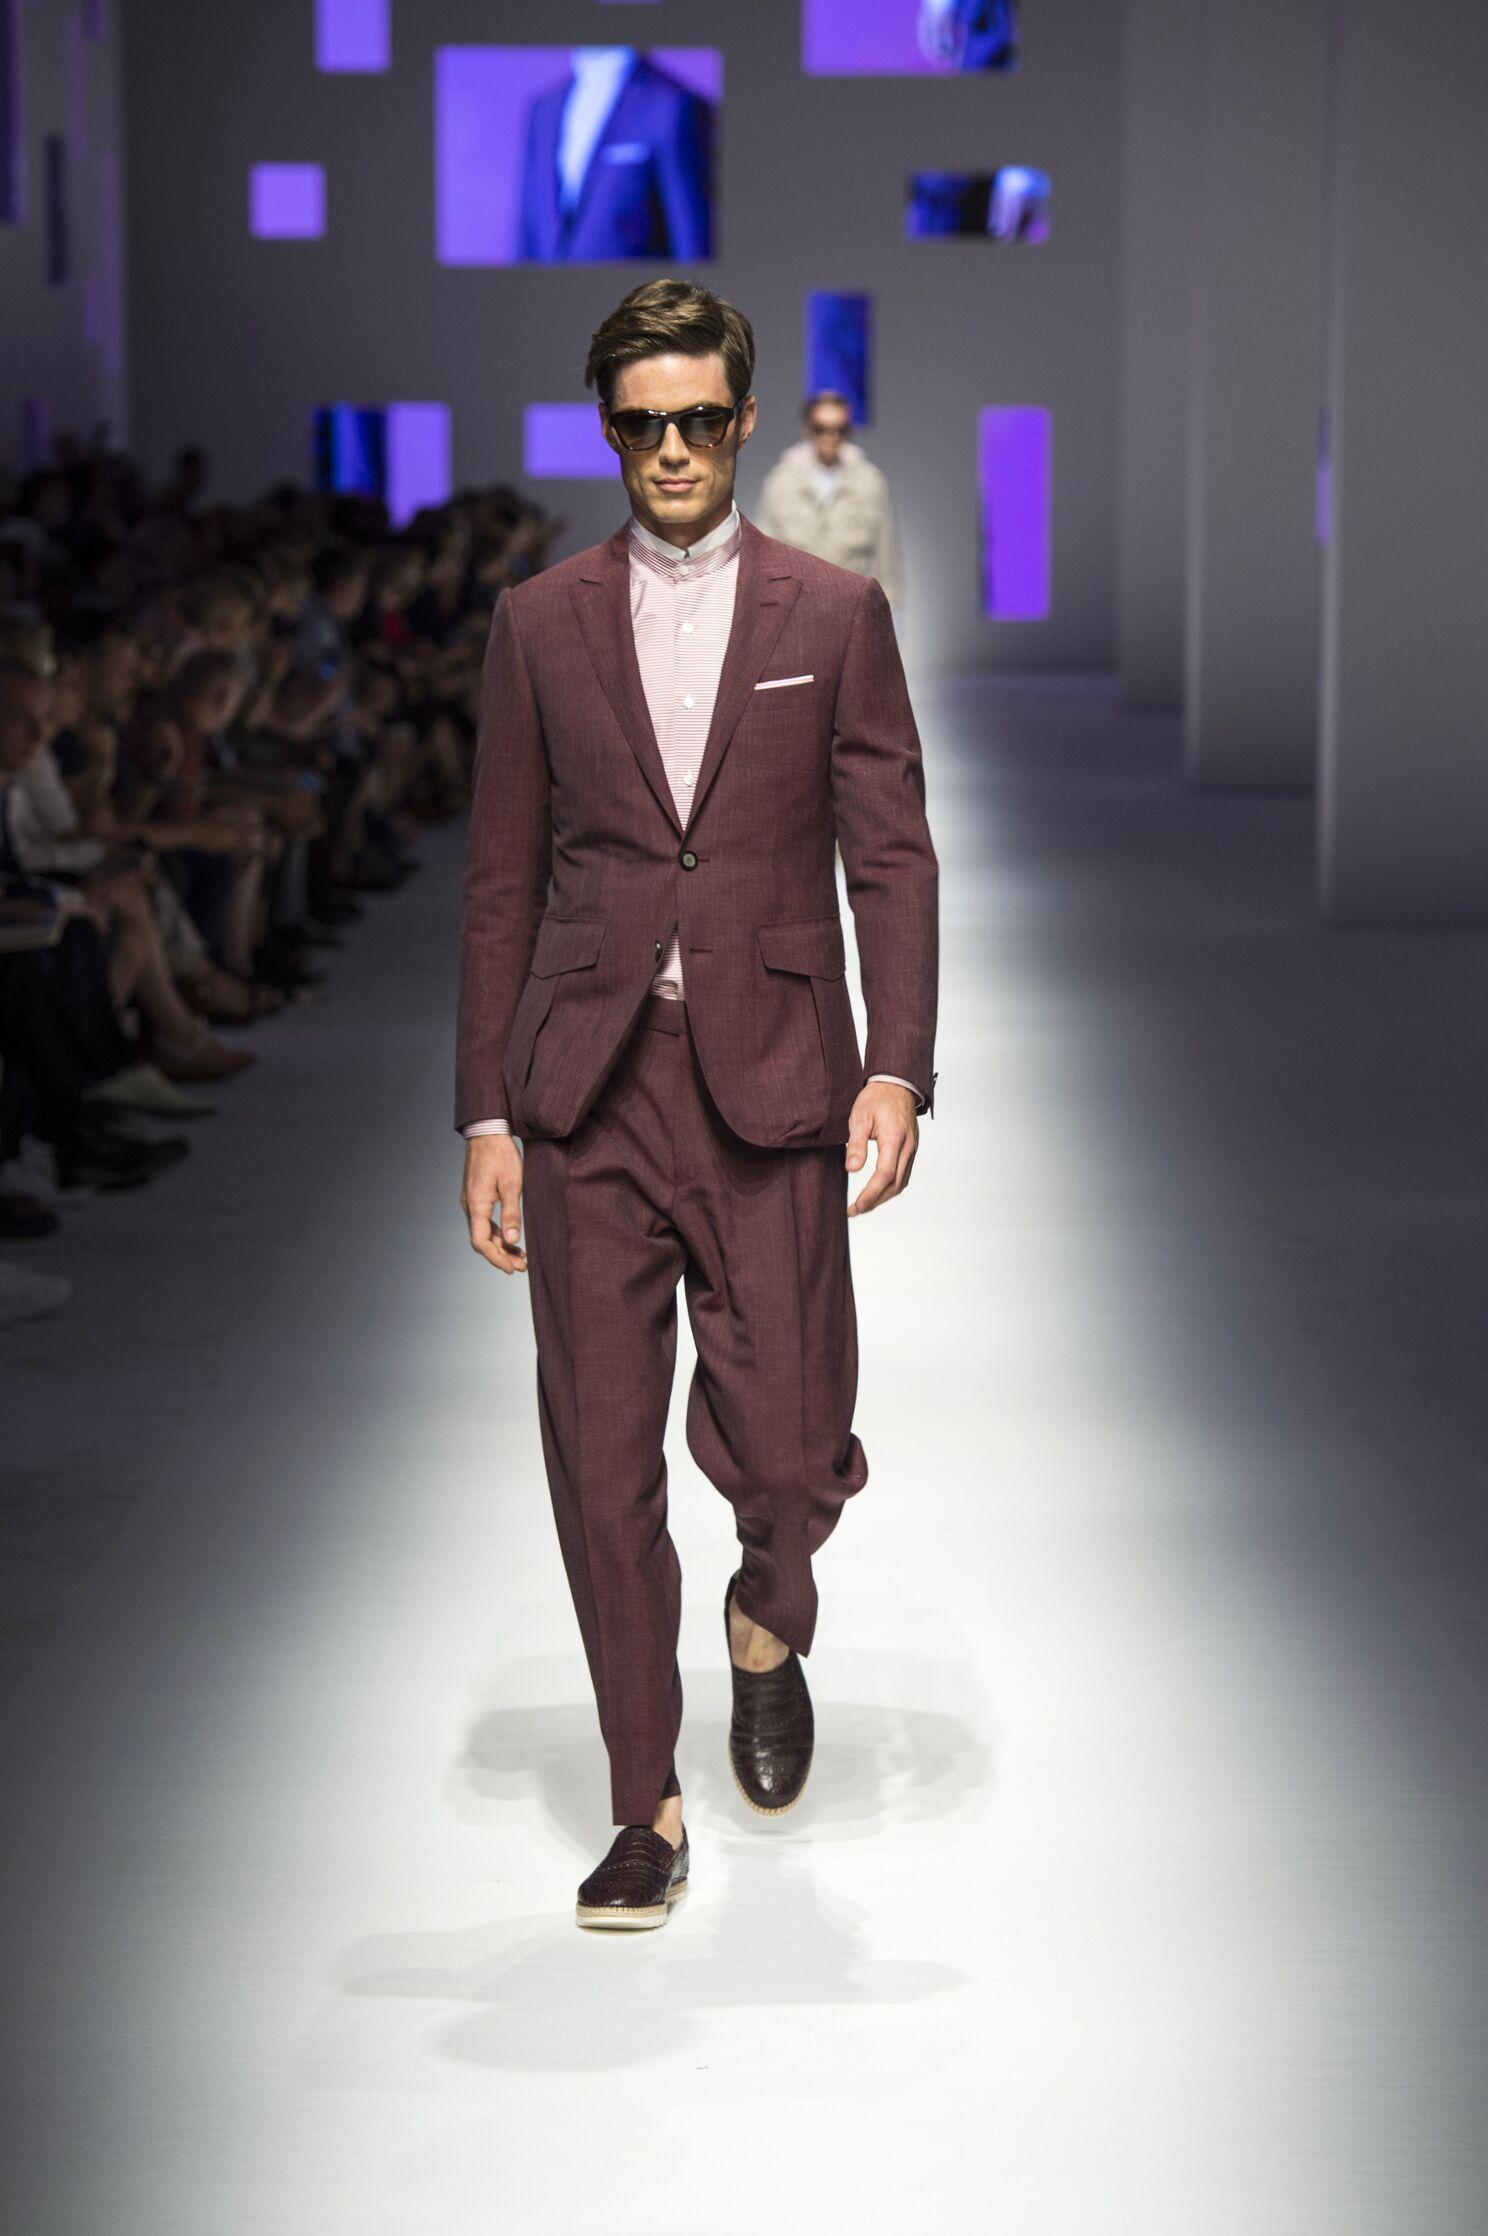 Catwalk Canali Spring Summer 2016 Men's Collection Milan Fashion Week